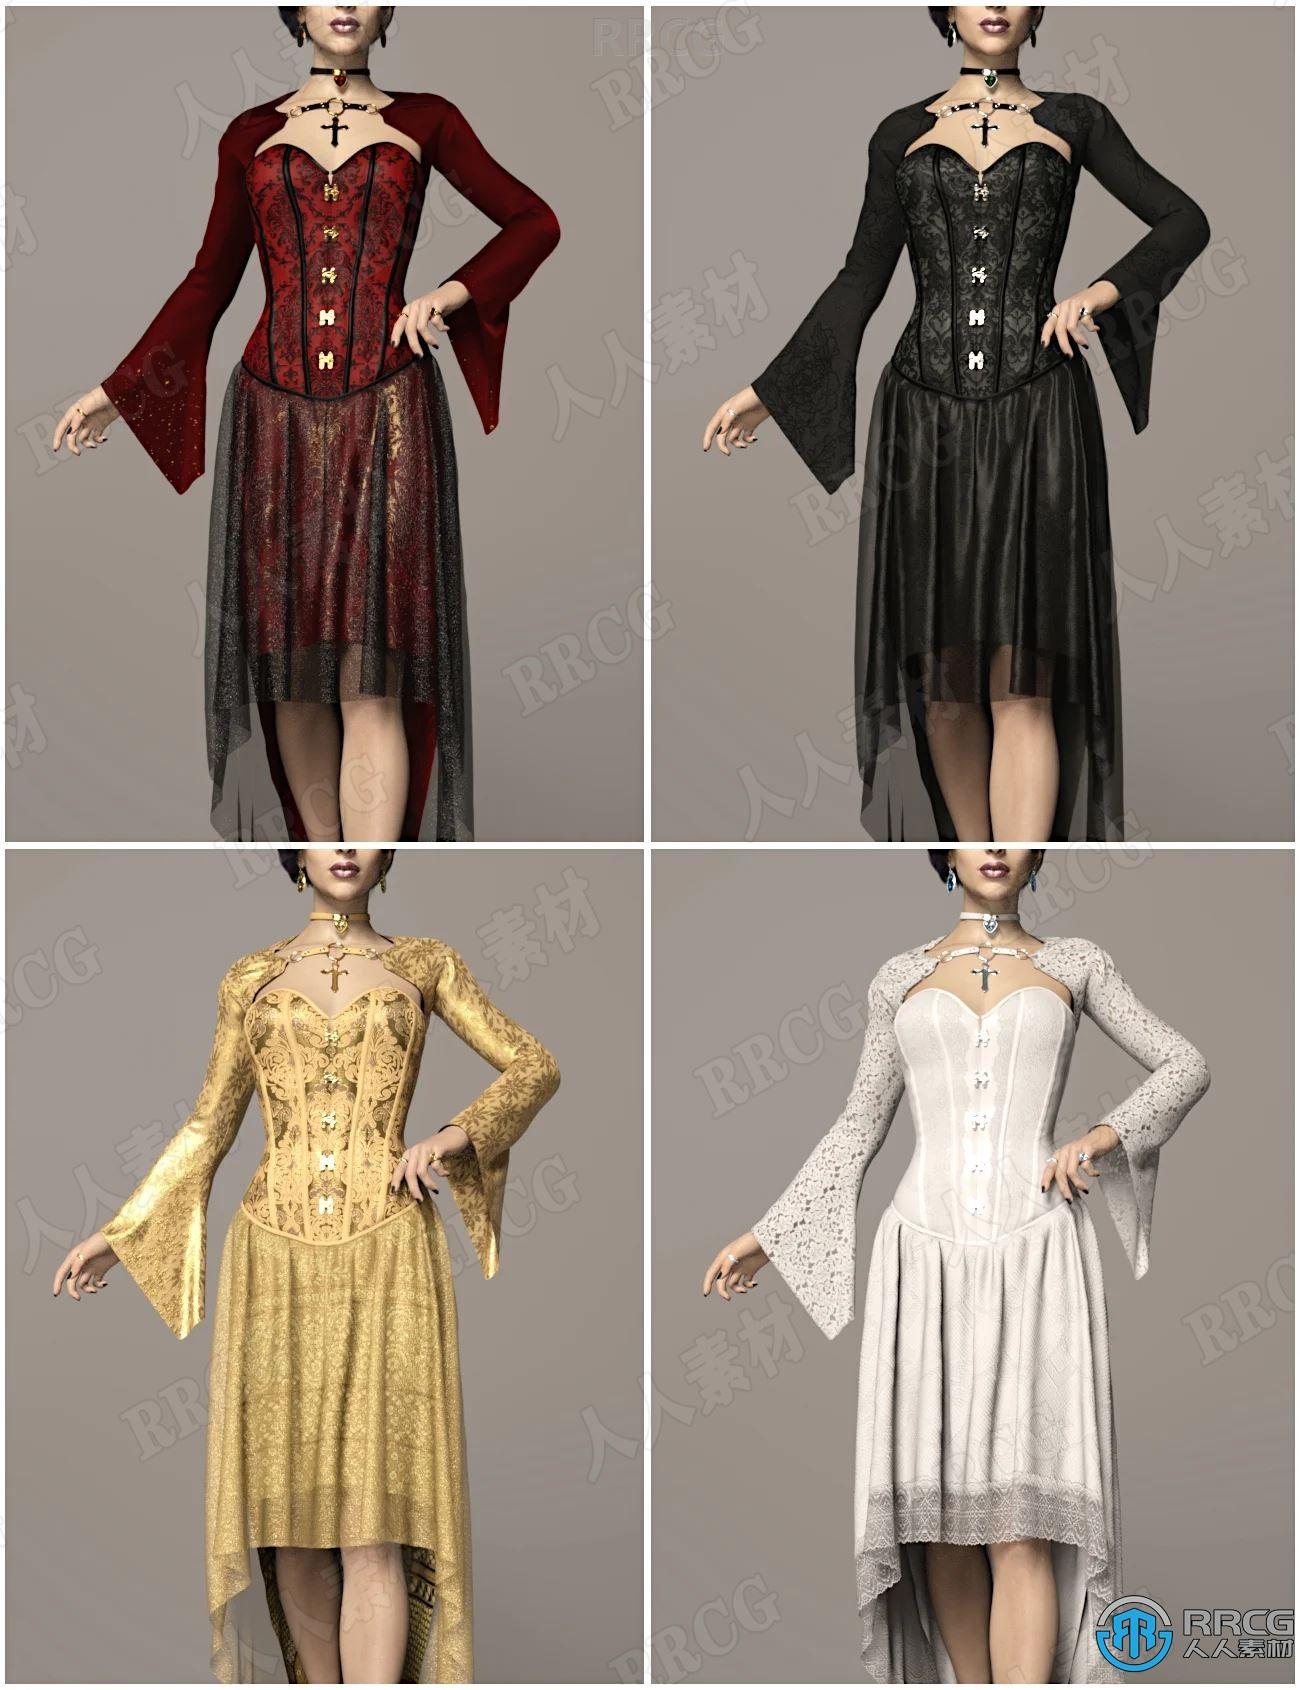 长摆尾不同颜色高端蕾丝女性服饰套装3D模型合集